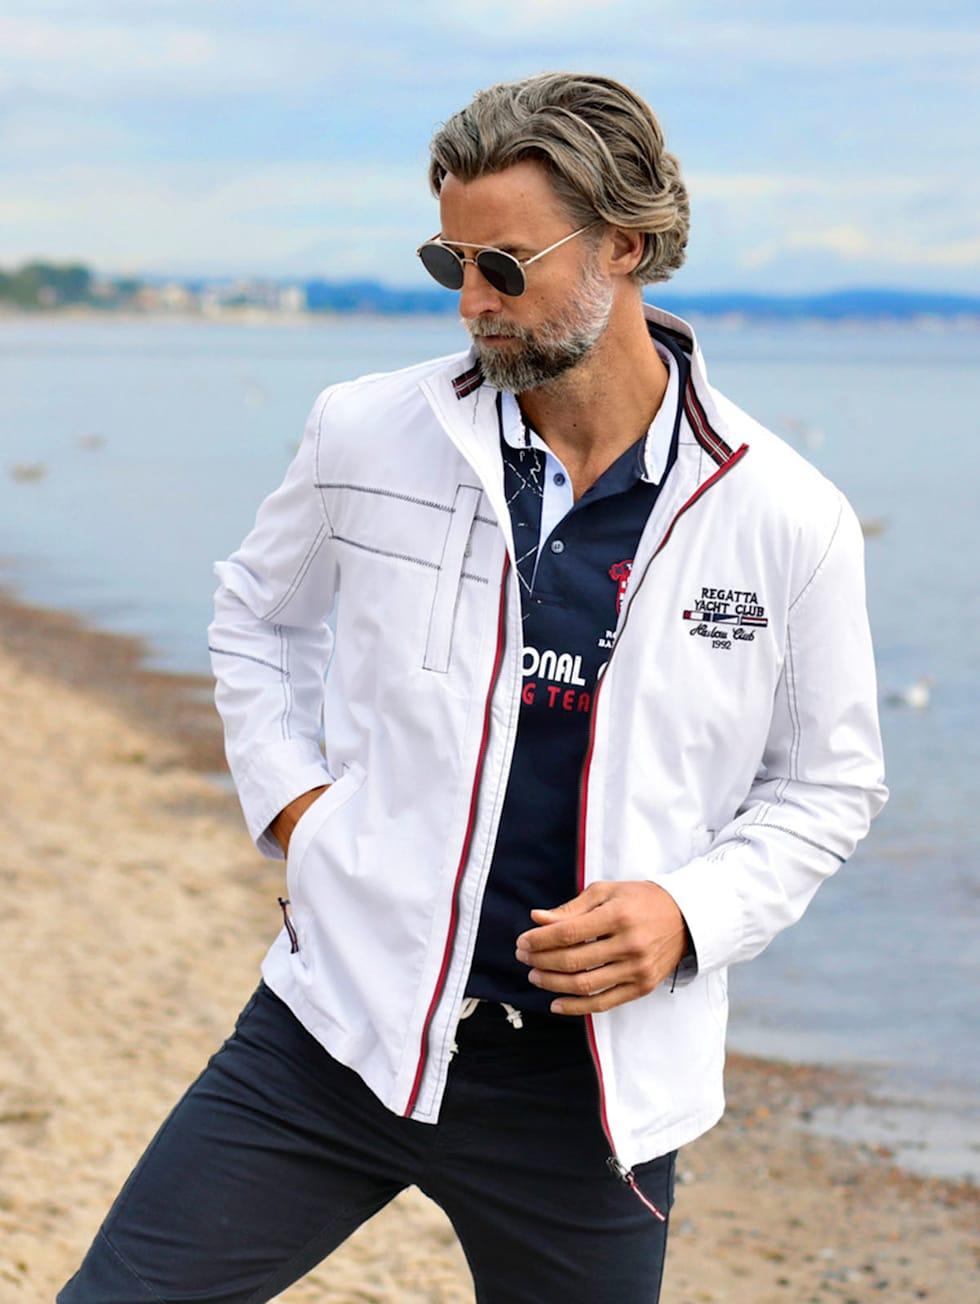 Marittimo-Outfit: Weiße Jacken kombiniert dunkelblauer Hose und Poloshirt